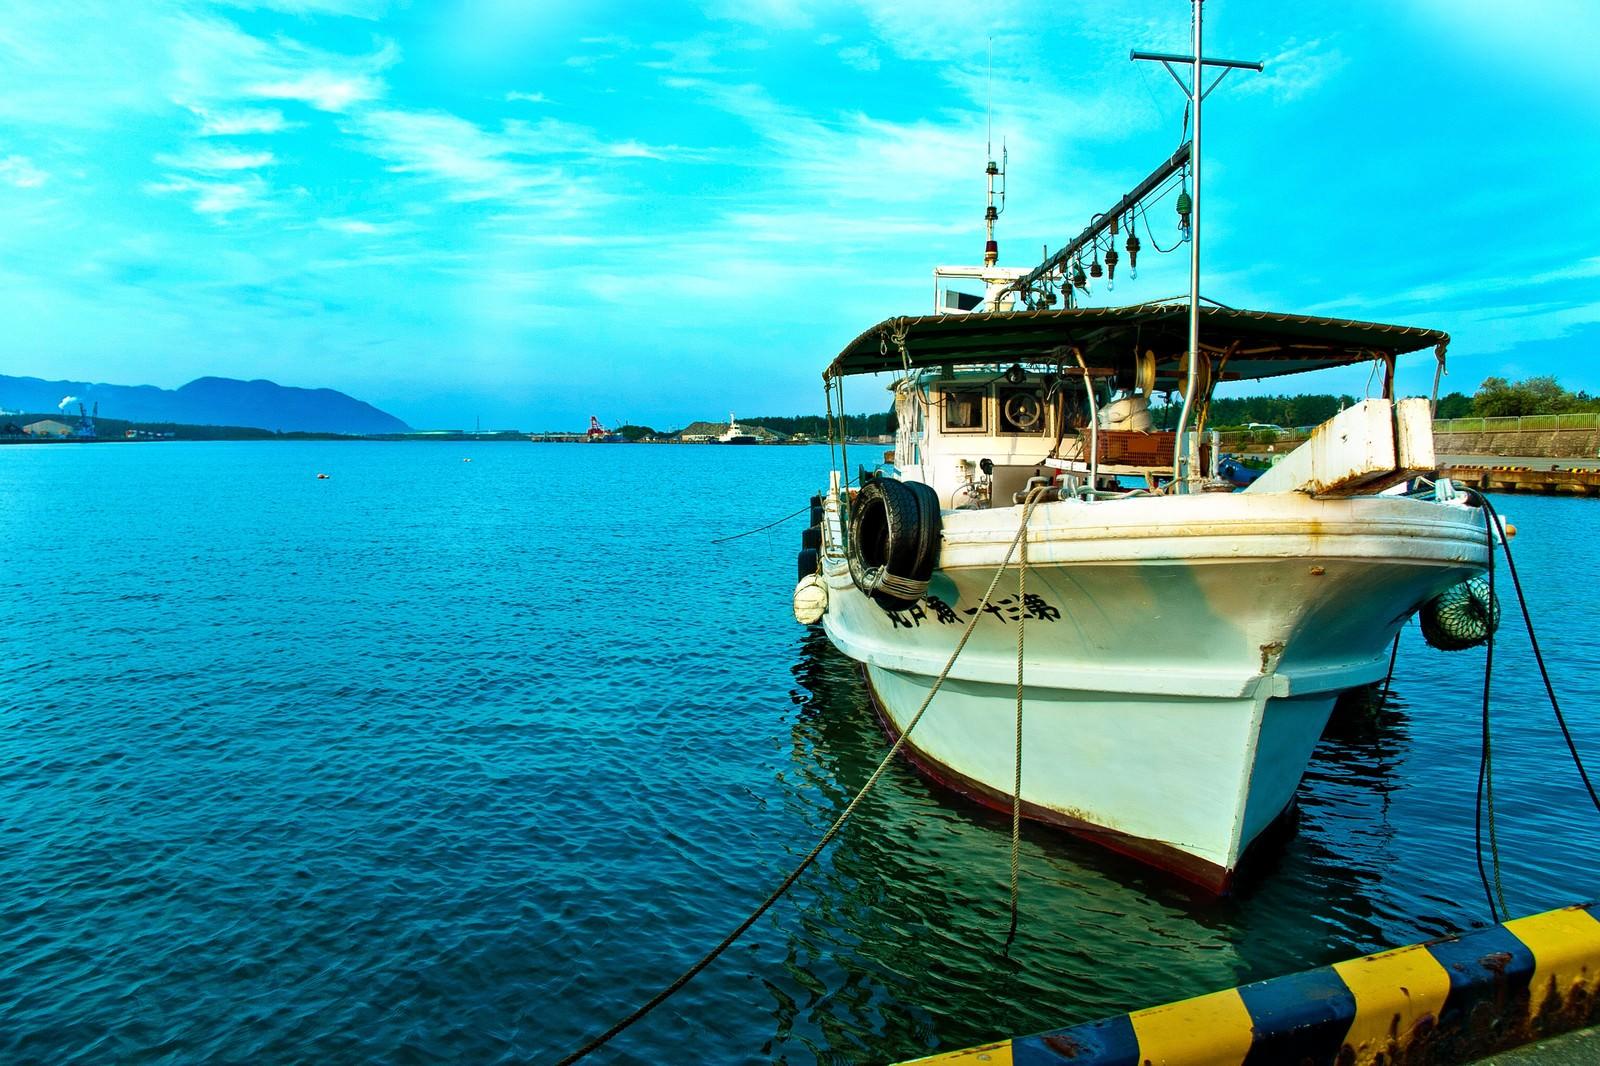 「青い空と漁船青い空と漁船」のフリー写真素材を拡大